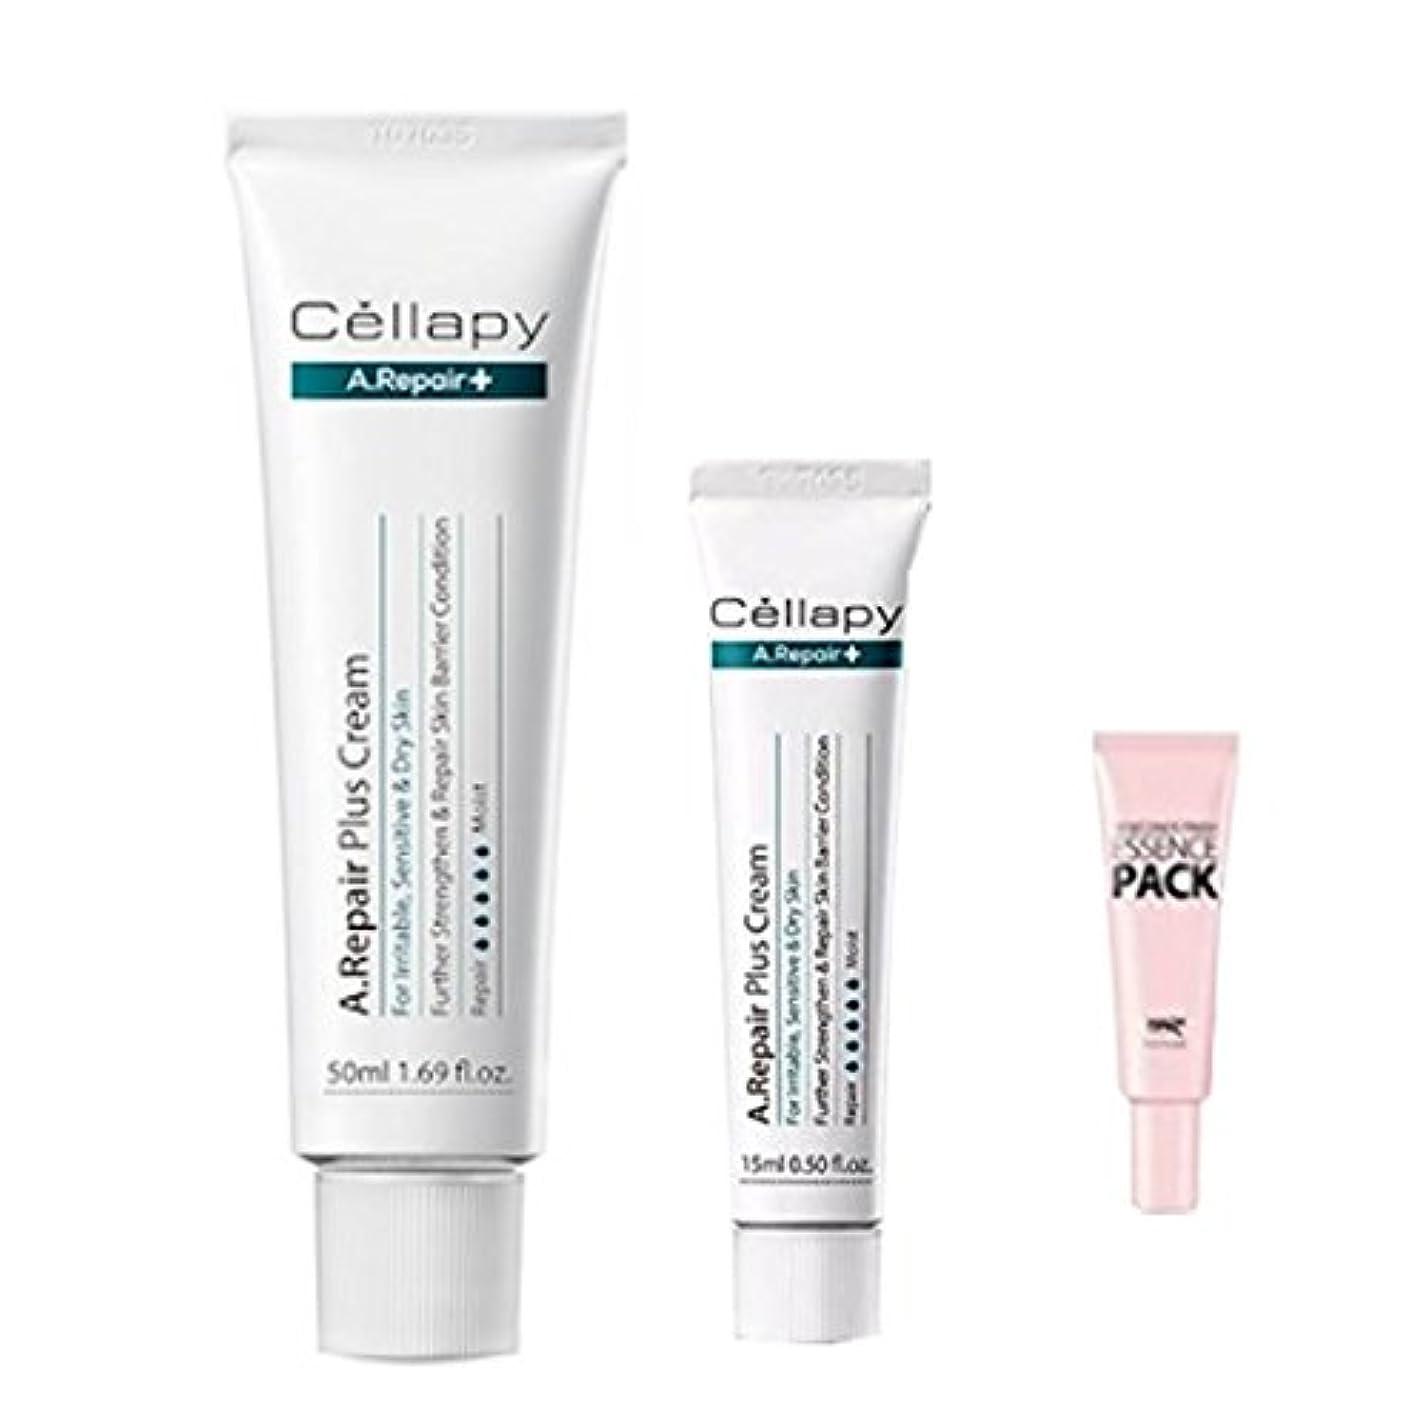 力トラフィック誇張するセラピ エイリペアプラスクリーム50ml+15ml [並行輸入品]/Cellapy A.Repair Plus Cream for Irritable, Sensitive & Dry Skin 50ml(1.69fl.oz...